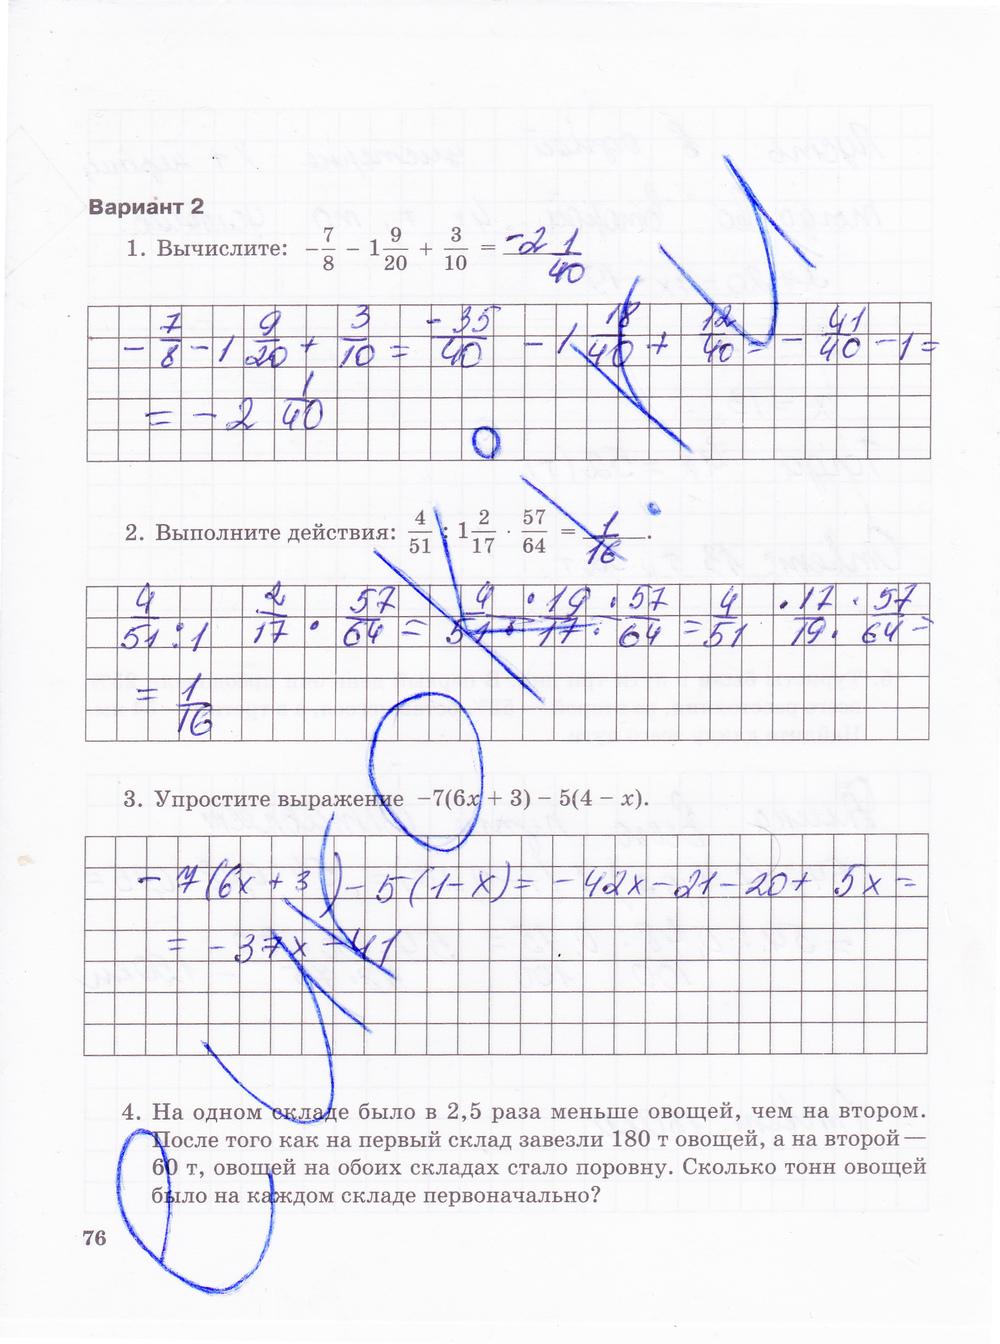 гдз по математике в тетради 6 класс номер 2 зубарева